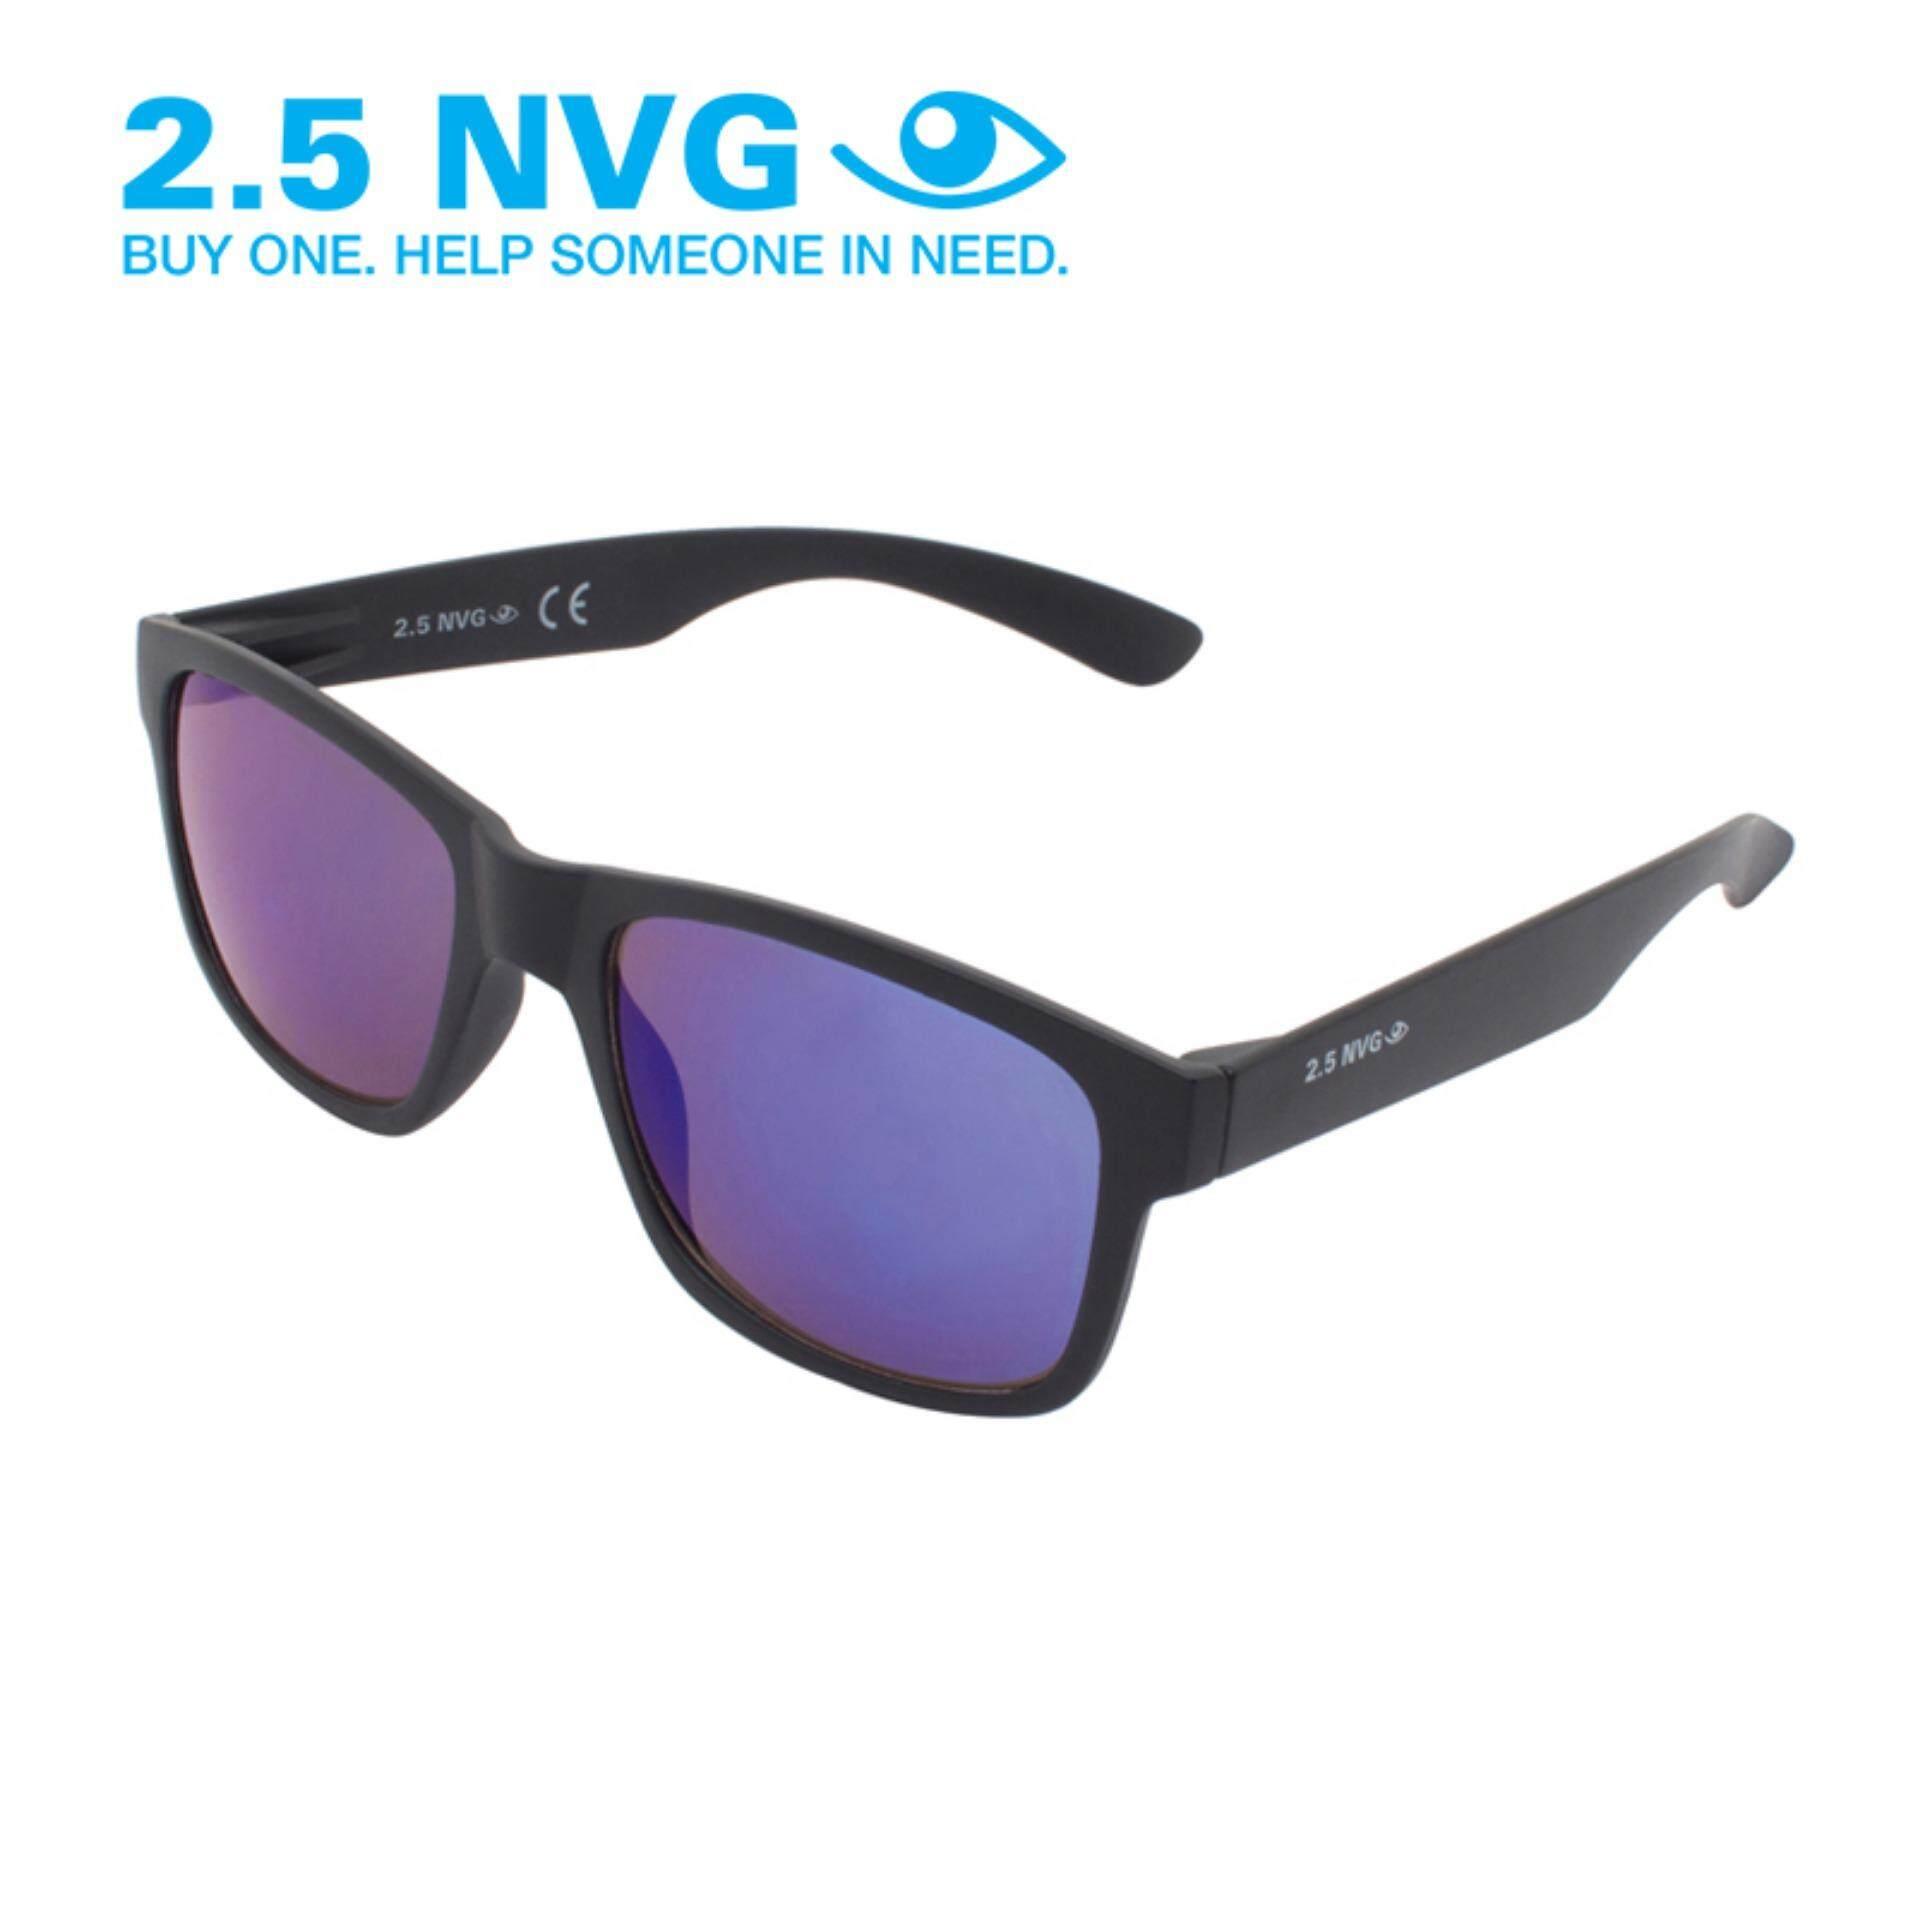 ขาย 2 5 Nvg แว่นกันแดดสำหรับผู้ชาย กรอบทรงสี่เหลี่ยมผืนผ้าสีดำ เลนส์ป้องกันรังสี Uv400 สีม่วง Sun 104 0202 เป็นต้นฉบับ